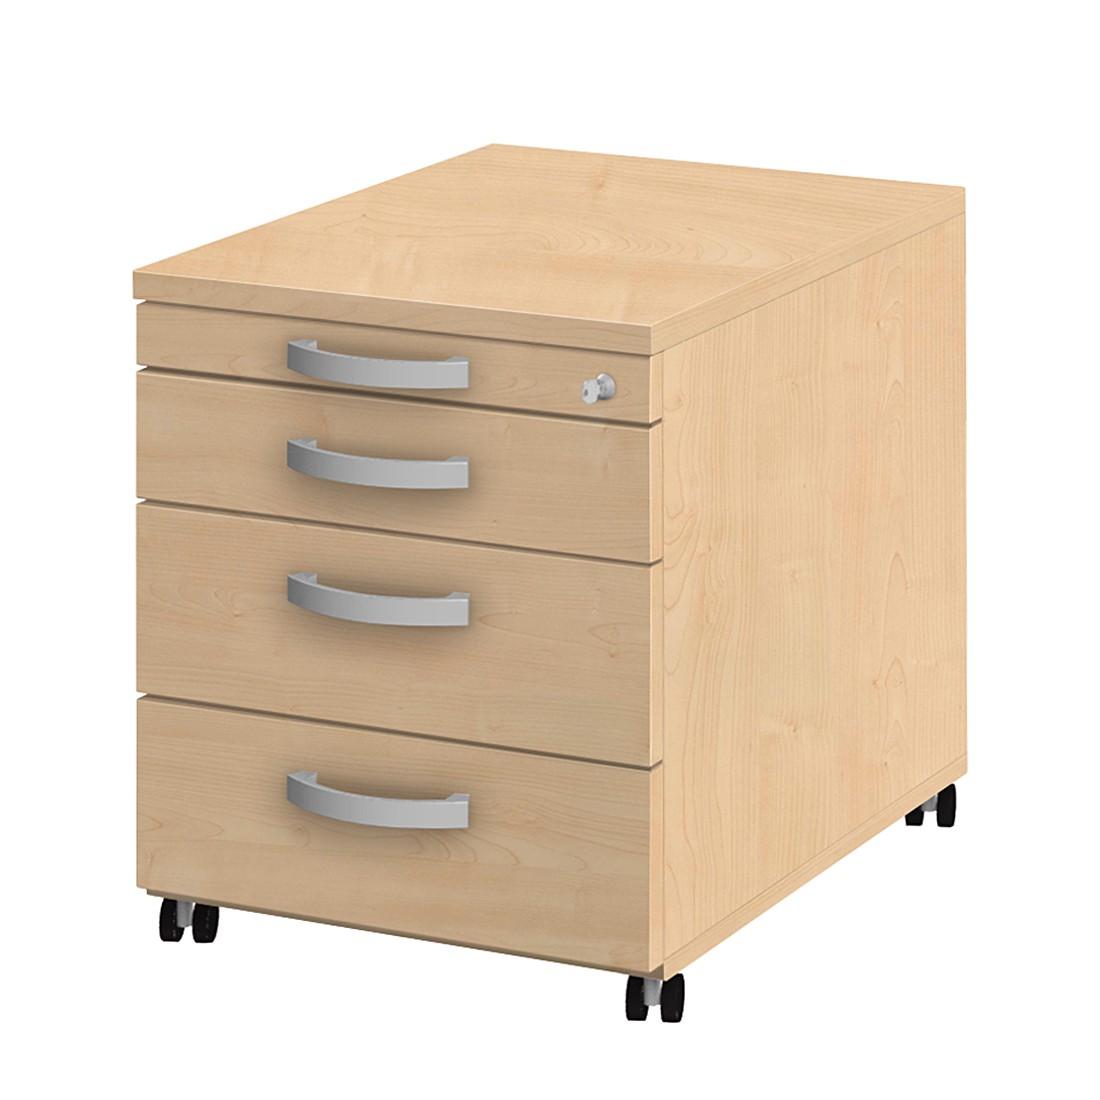 Büromöbel online günstig kaufen über shop24.at | shop24